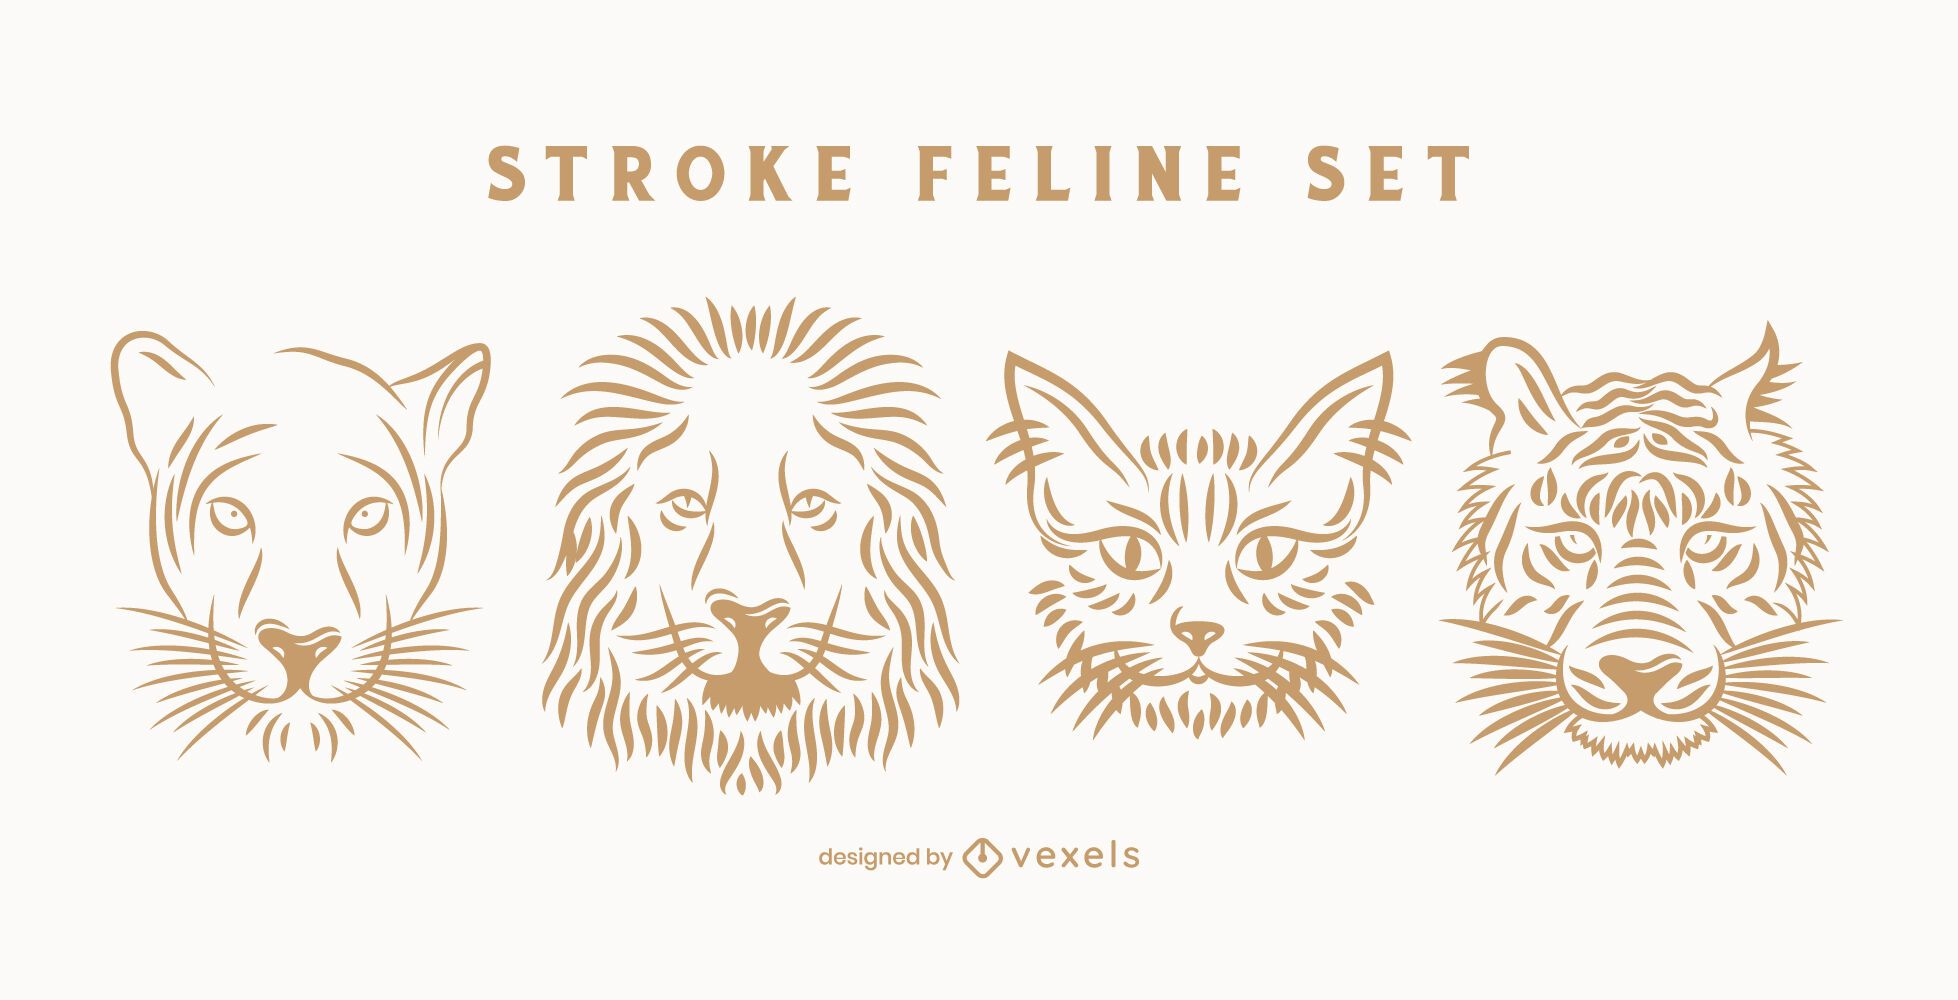 Stroke feline set